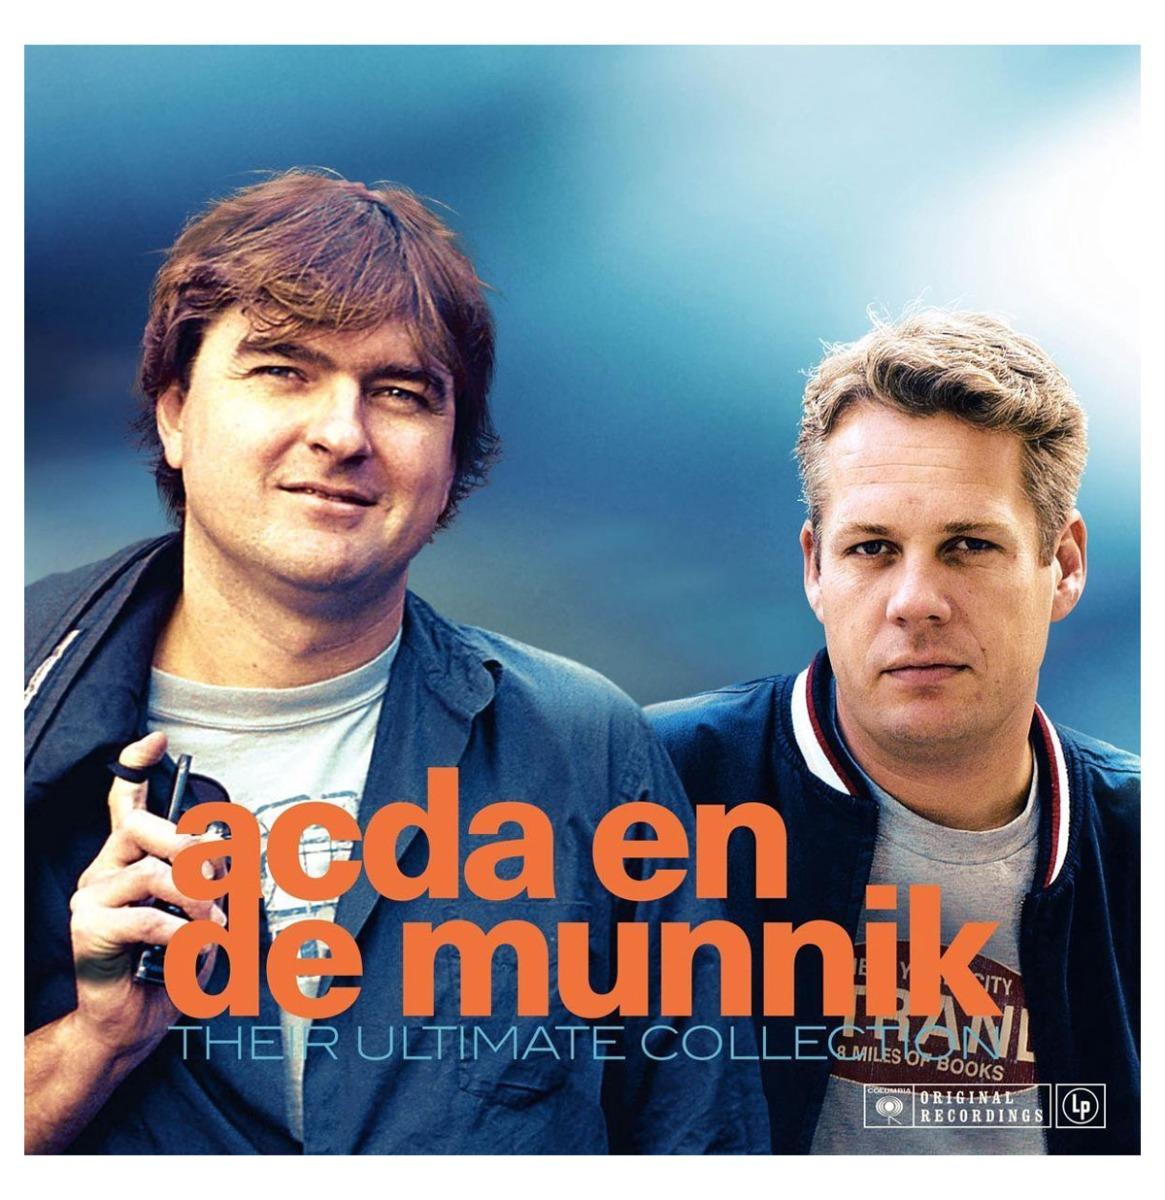 Acda En De Munnik - Their Ultimate Collection LP